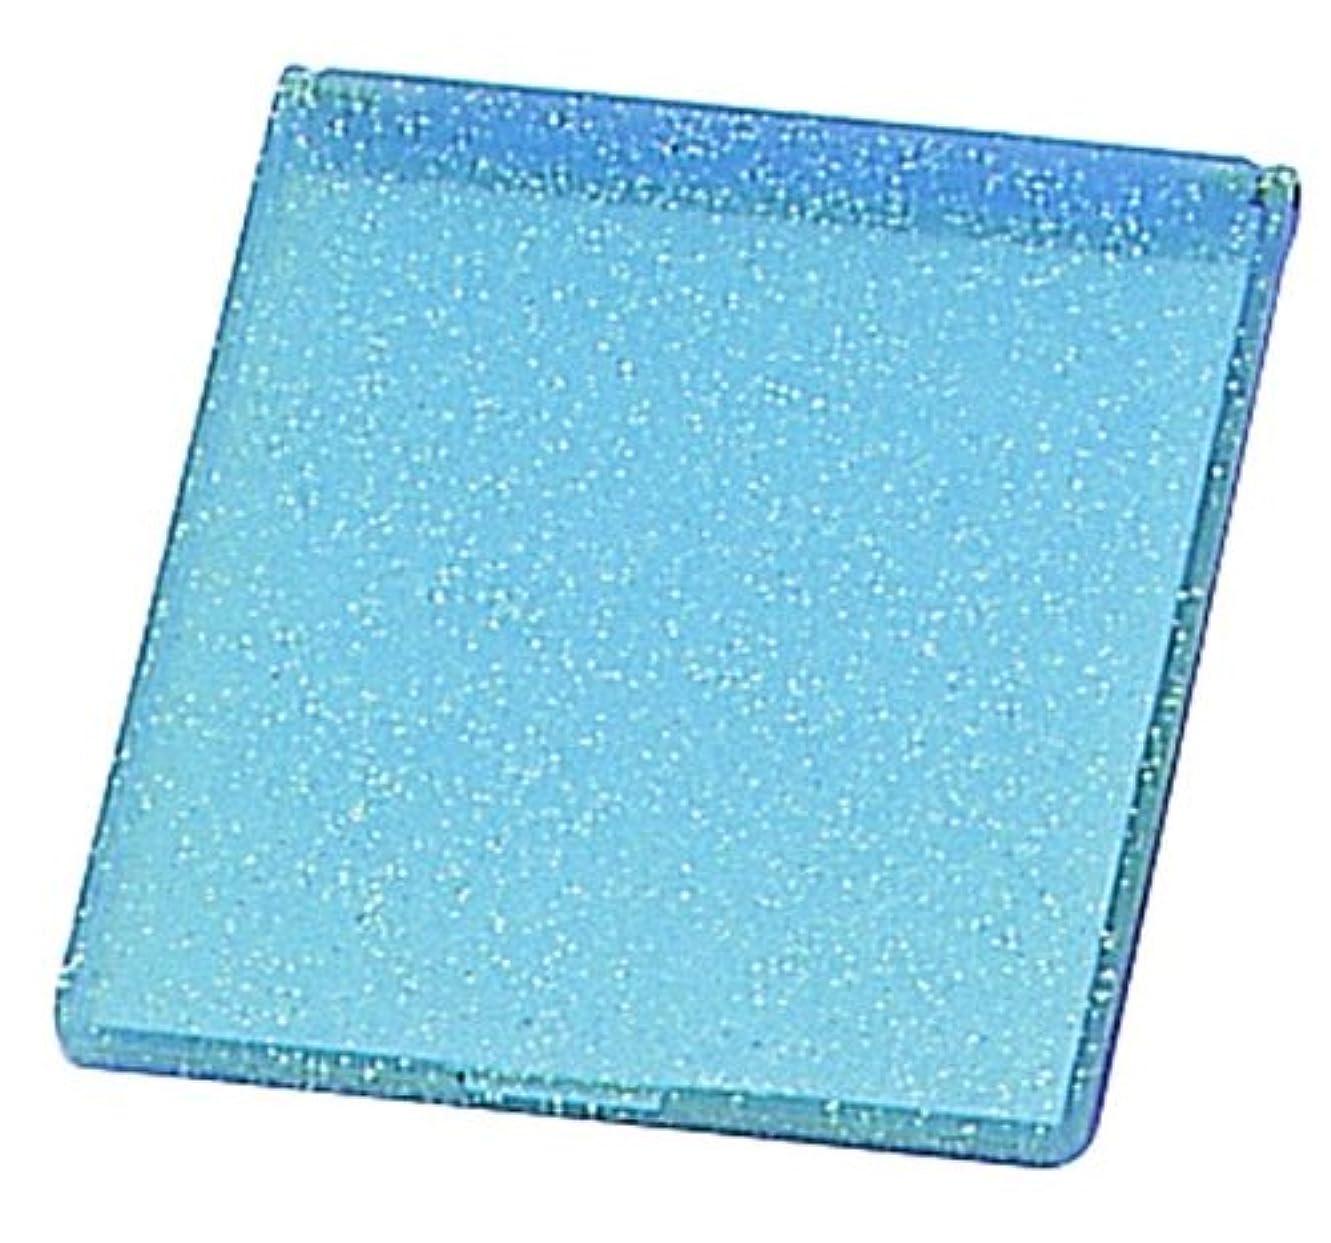 マニュアル代替案降伏ラメ入り コンパクトミラー M ブルー YLA-500